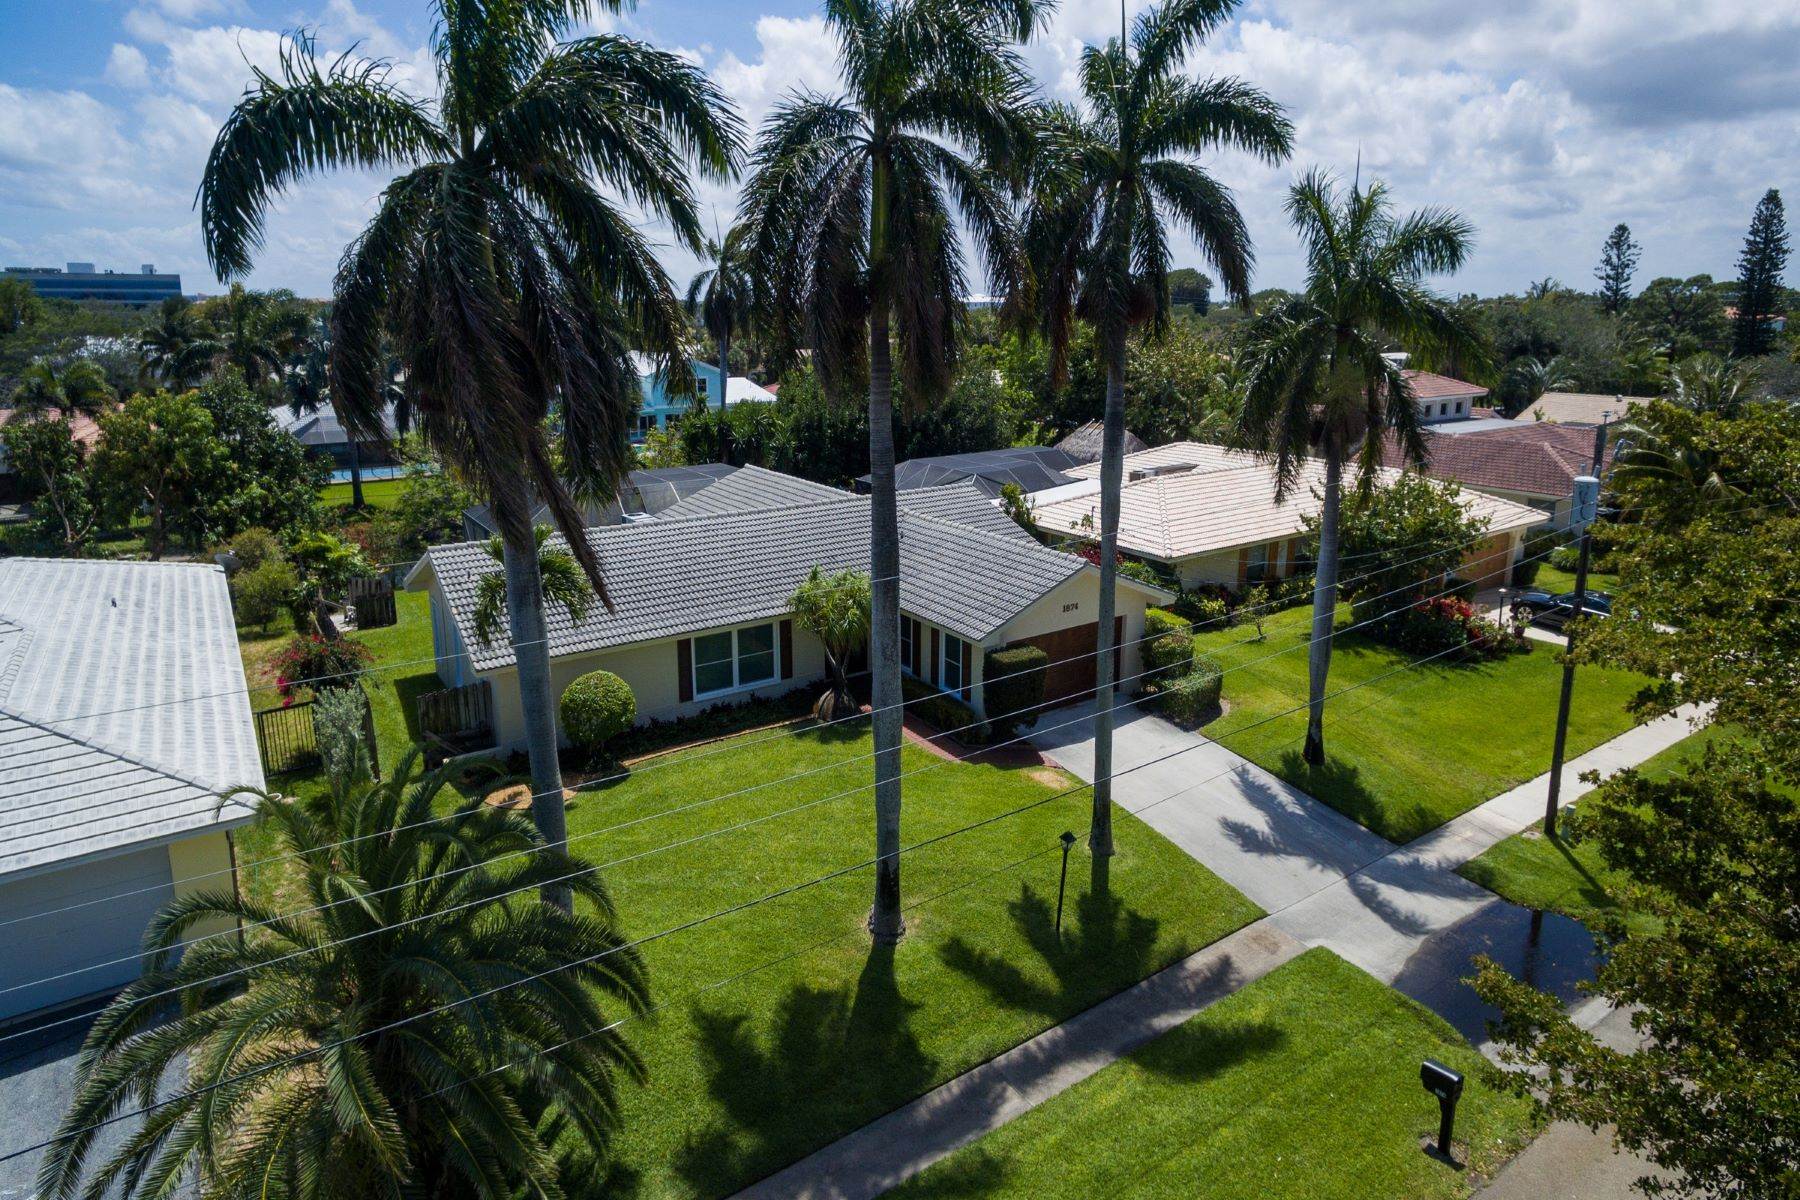 Villa per Vendita alle ore 1874 Ascott Road North Palm Beach, Florida, 33408 Stati Uniti